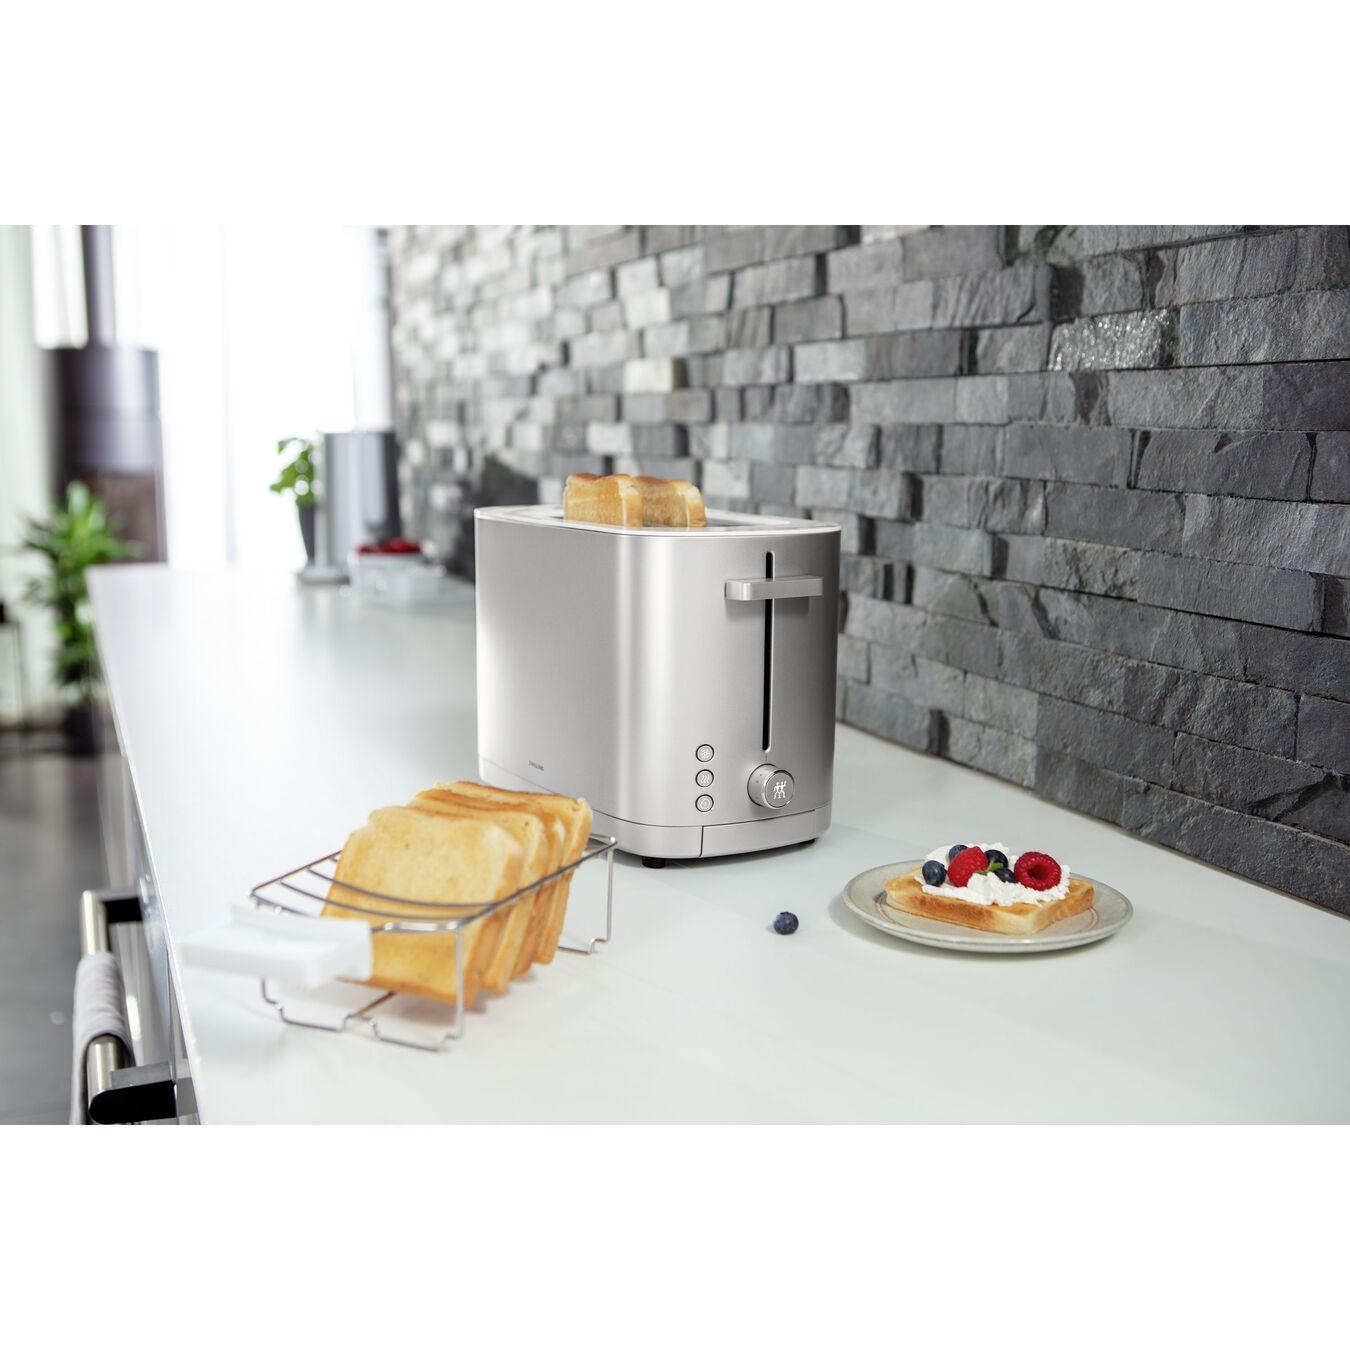 Toaster mit Brötchenaufsatz, 2 Schlitze kurz, Silber,,large 2